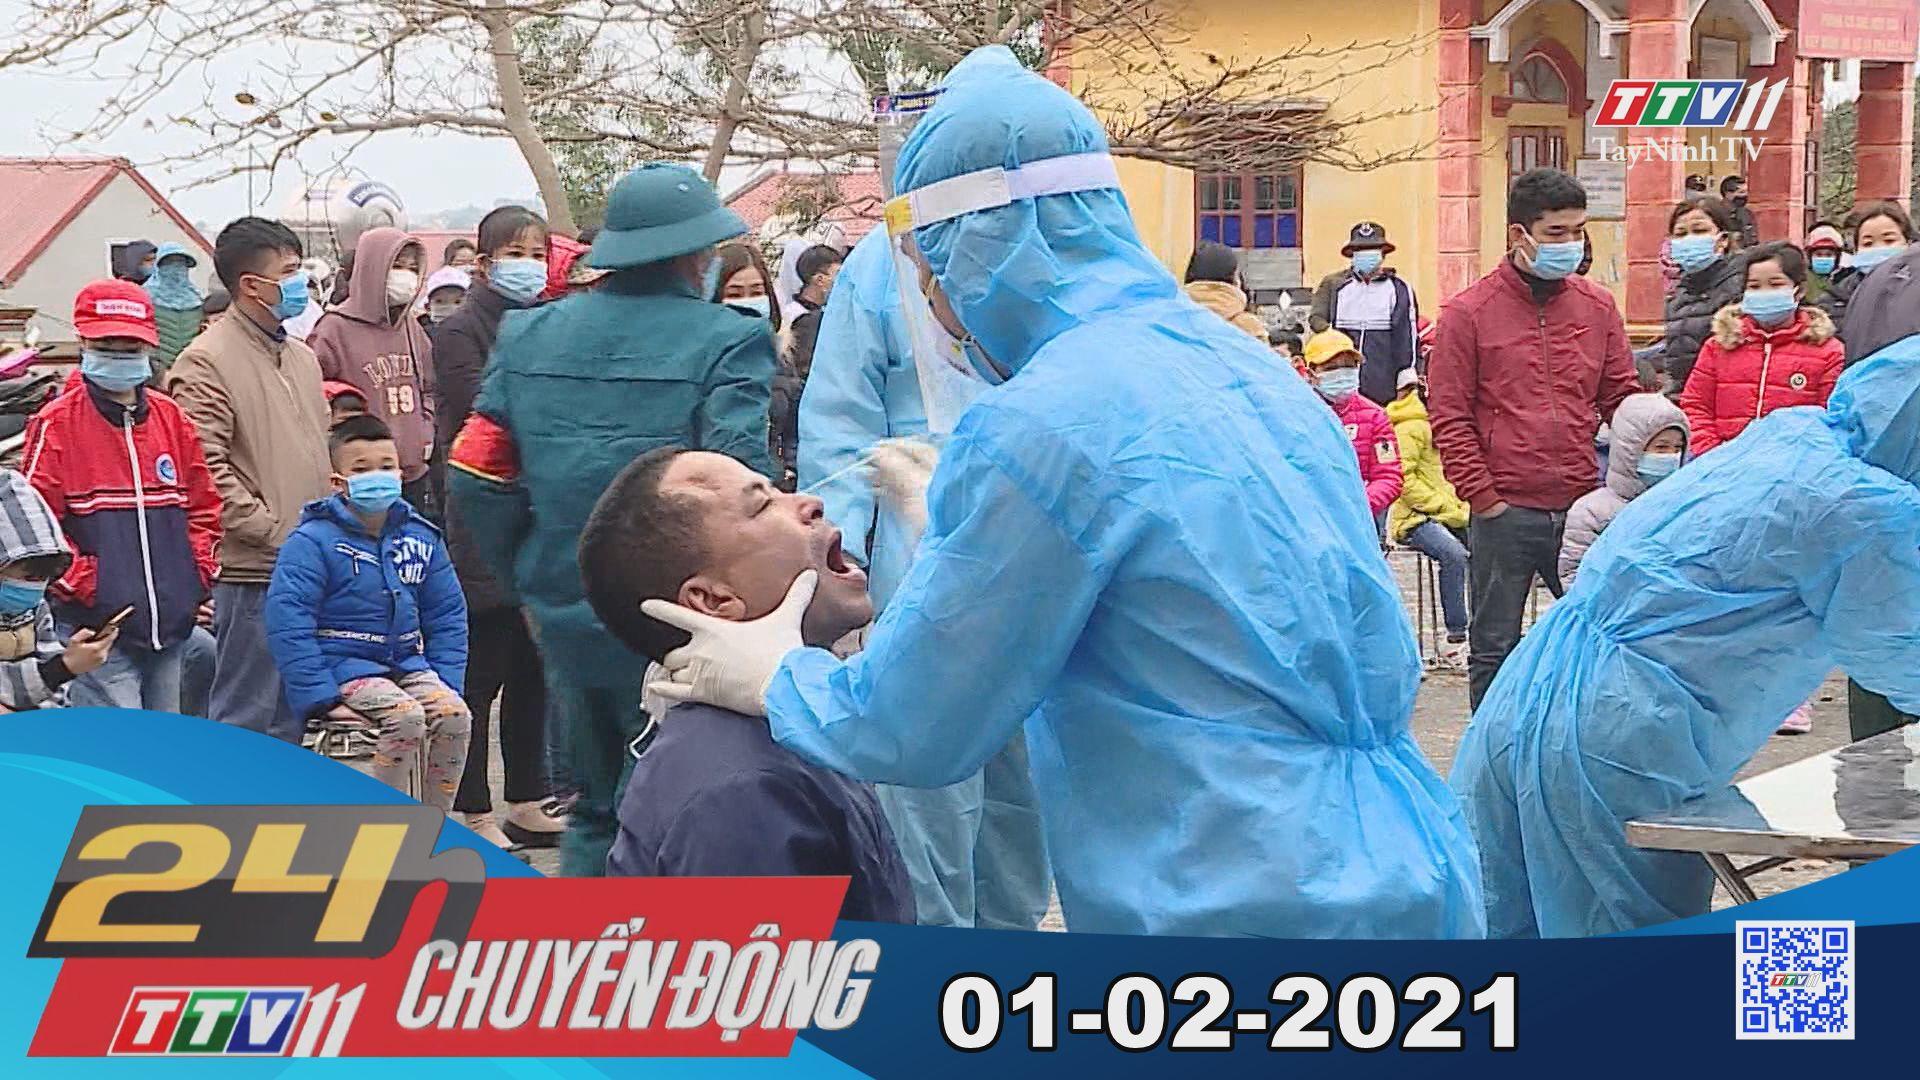 24h Chuyển động 01-02-2021 | Tin tức hôm nay | TayNinhTV